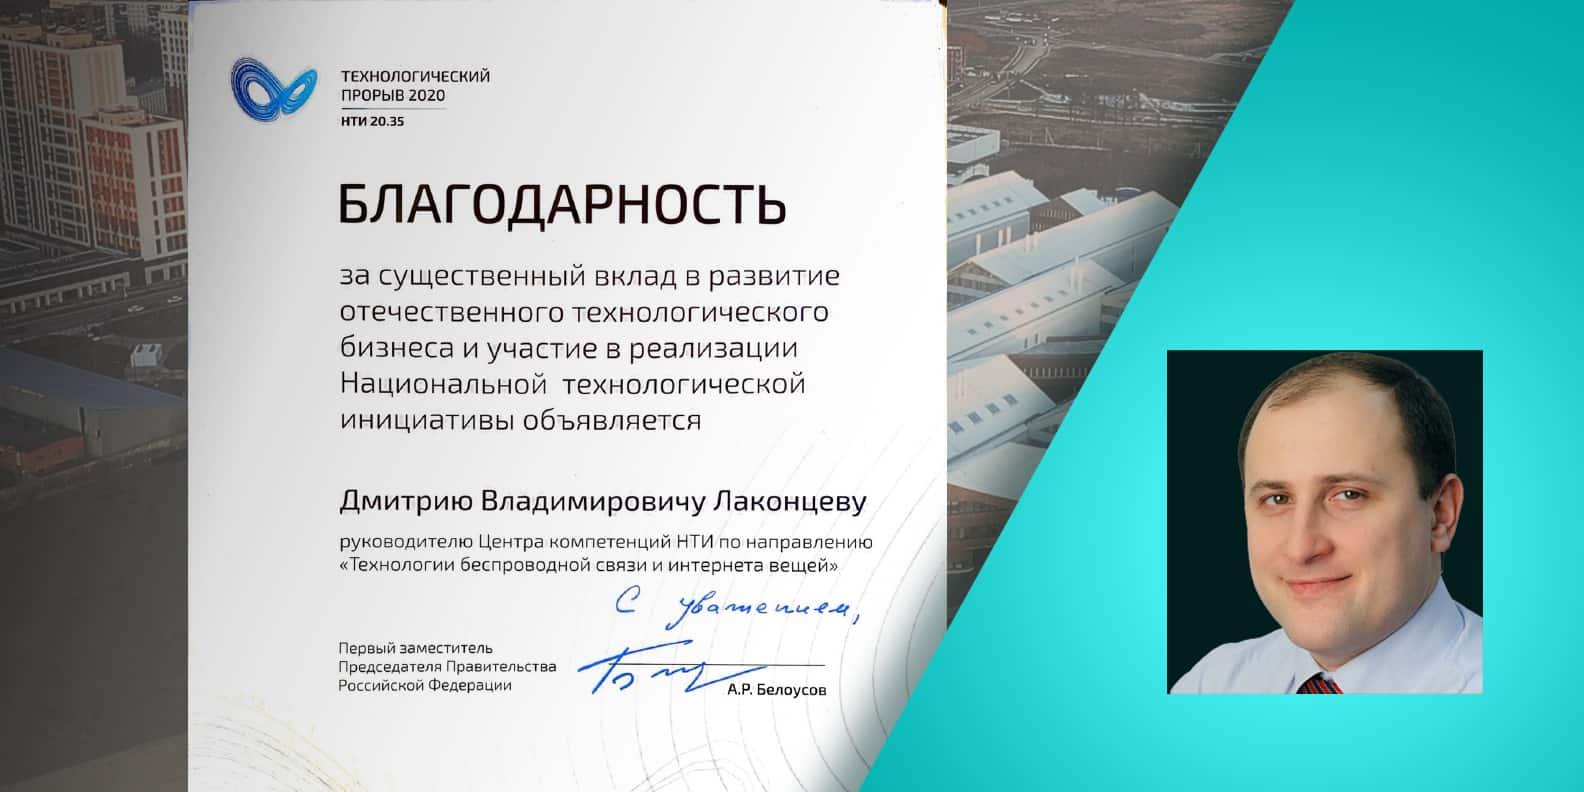 Руководитель ЦК НТИ на базе Сколтеха Дмитрий Лаконцев получил благодарность Правительства РФ. Благодарность «за существенный вклад в развитие отечественного технологического бизнеса и участие в реализации Национальной технологической инициативы» подписана первым…